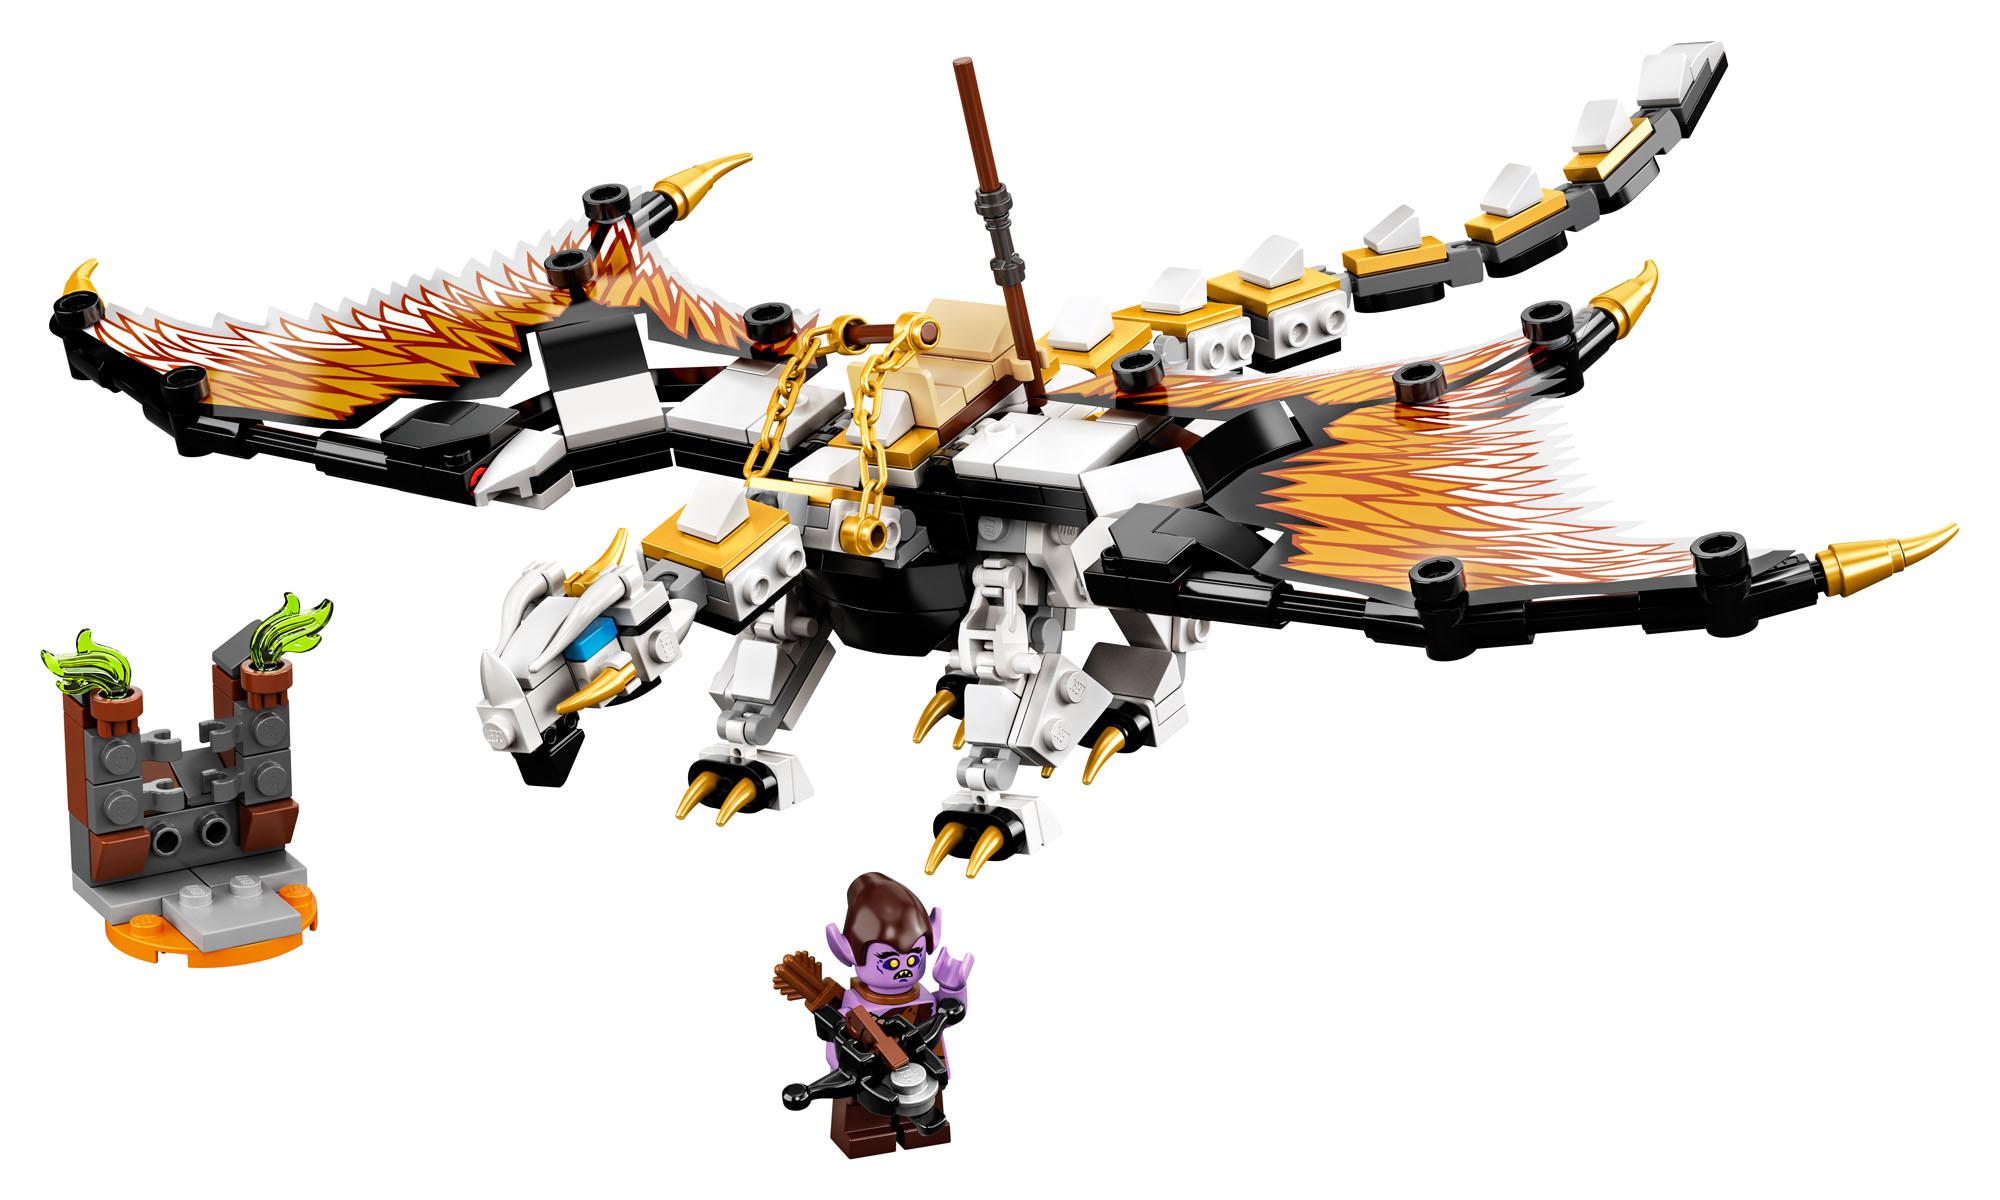 71718 Lego Ninjago Wu de batalla Dragon Ninja edificio Set 321 piezas 7 años